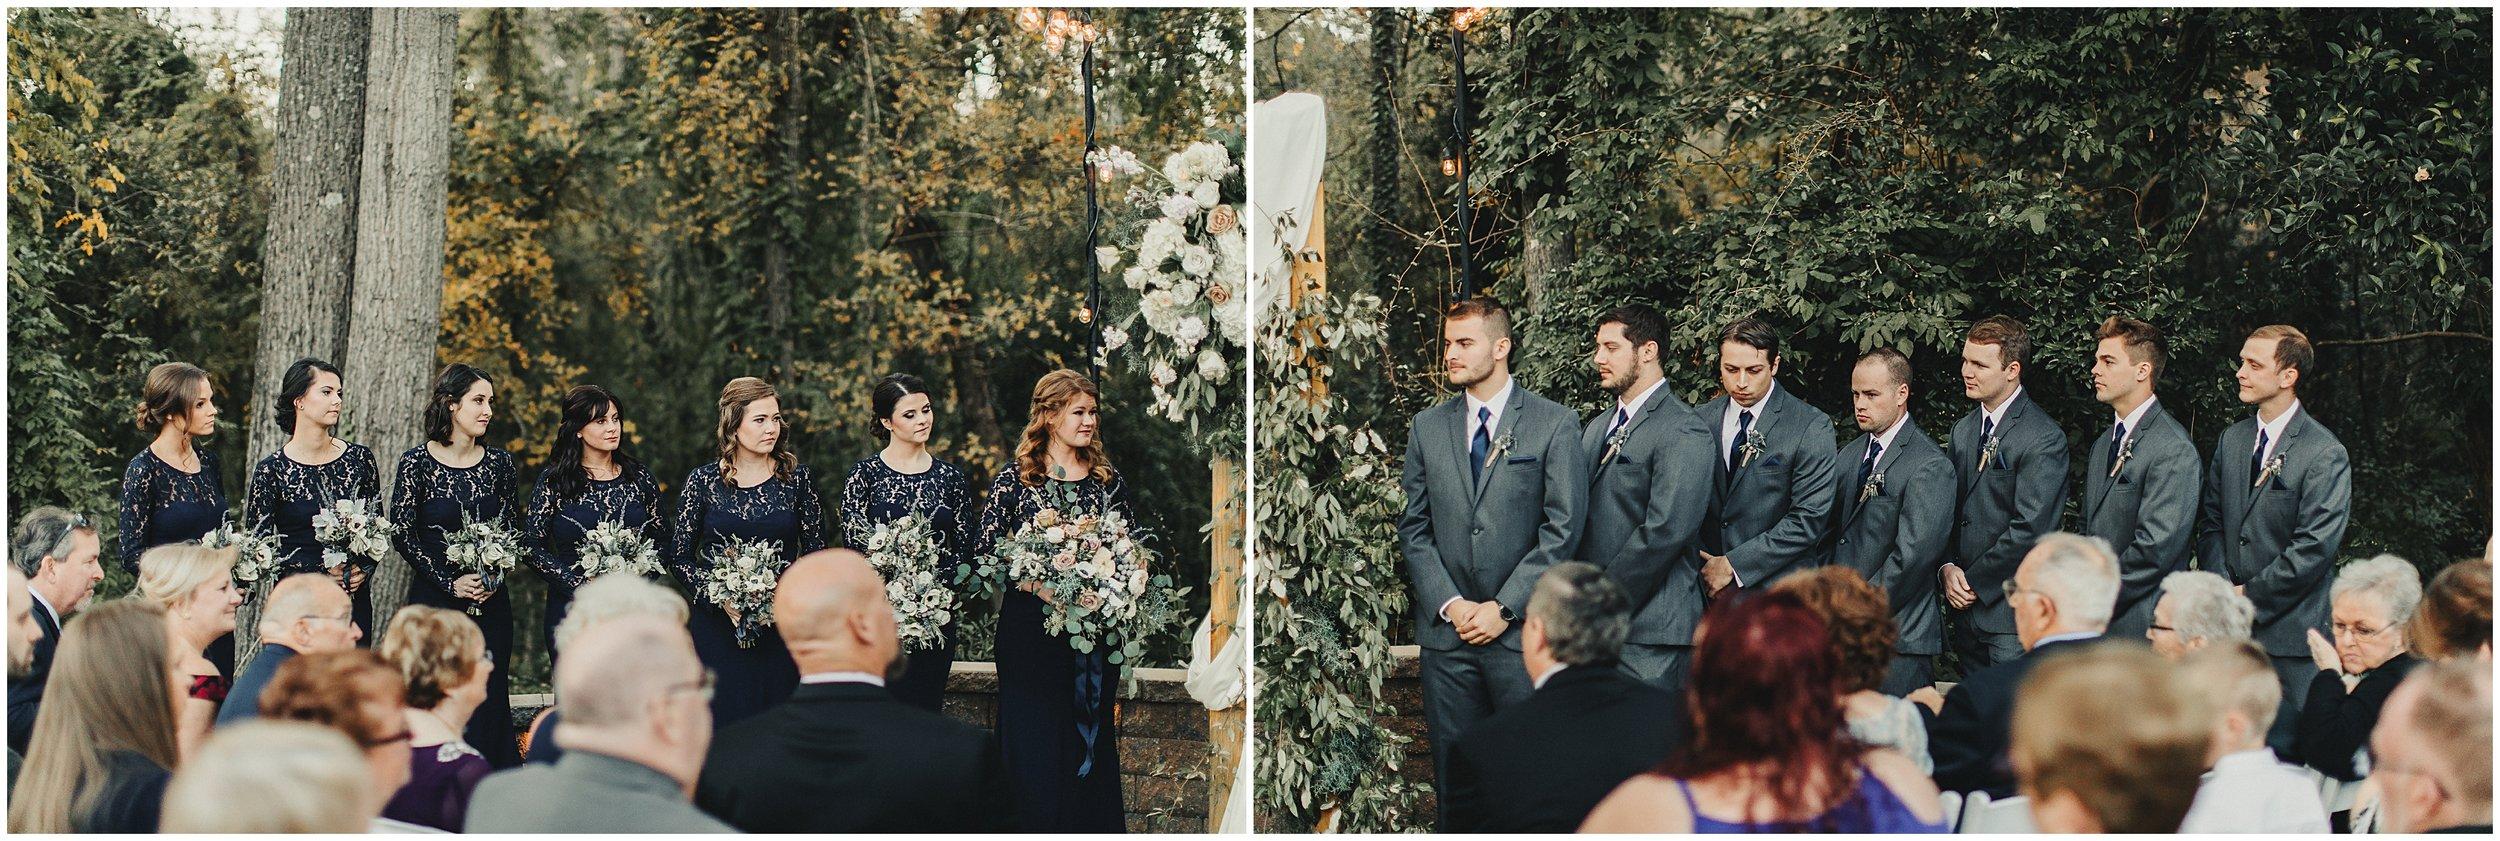 Ritchie Hill wedding_1270.jpg